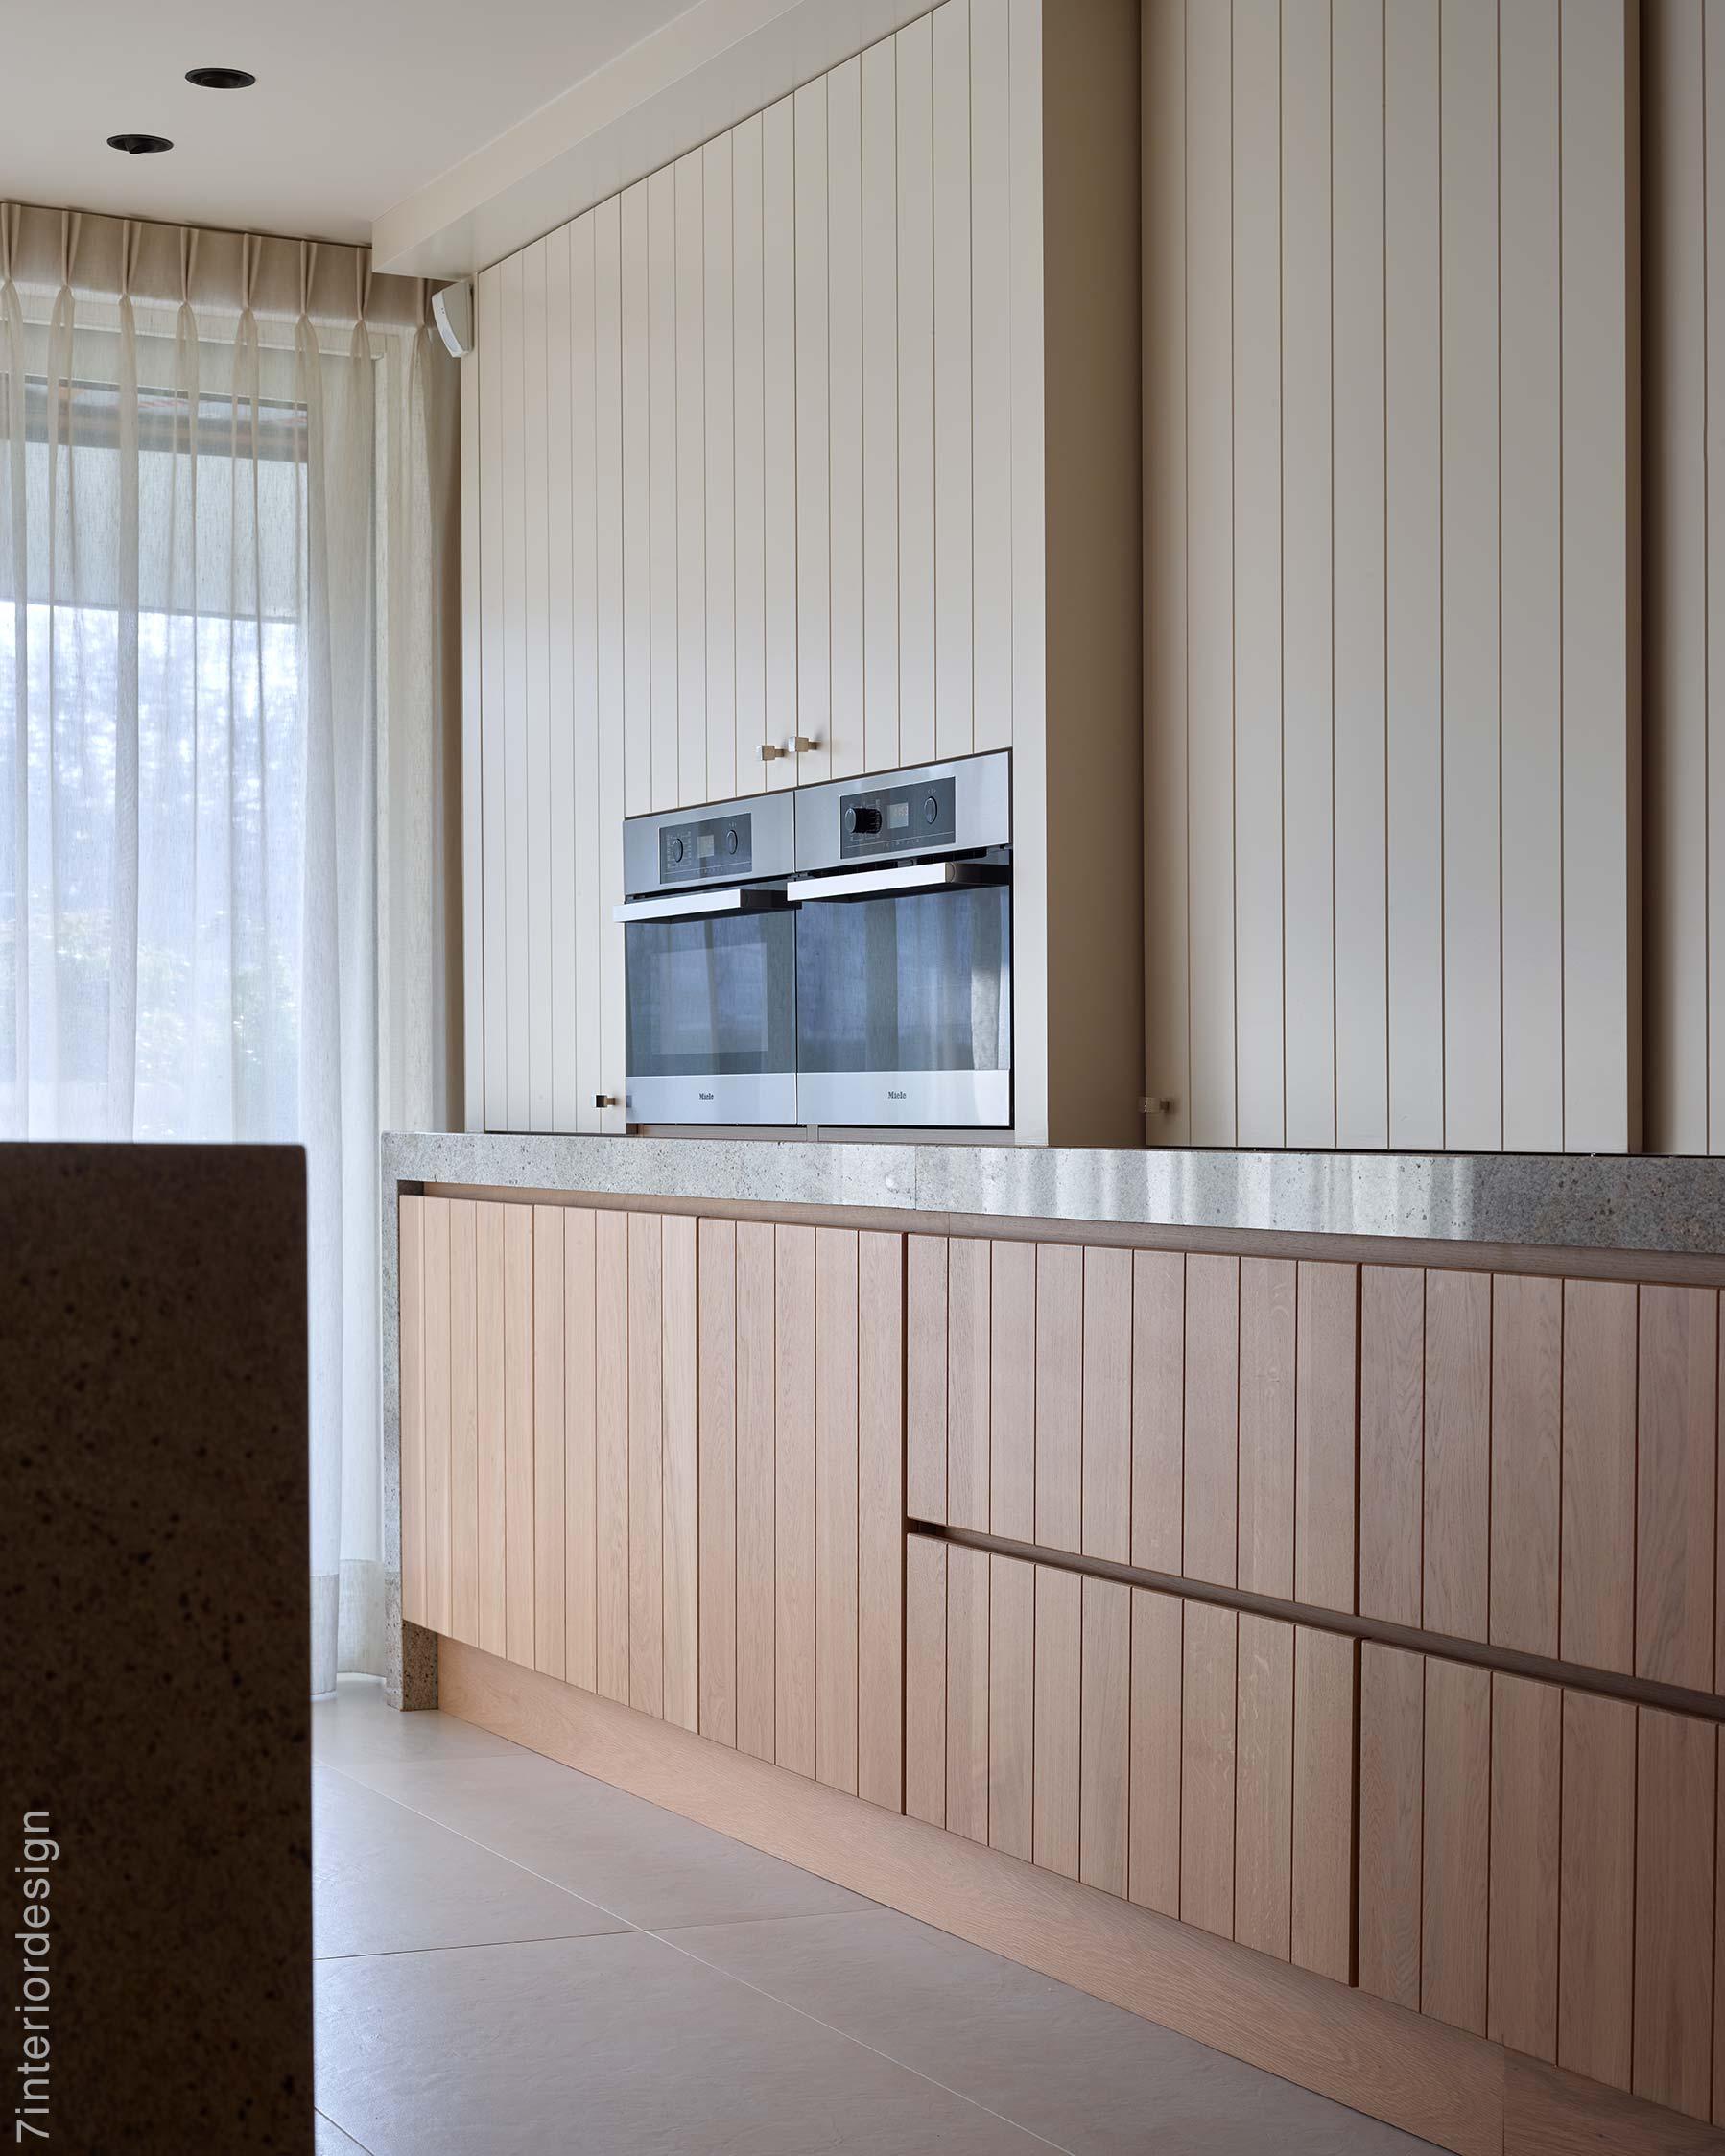 Leprince - keukens